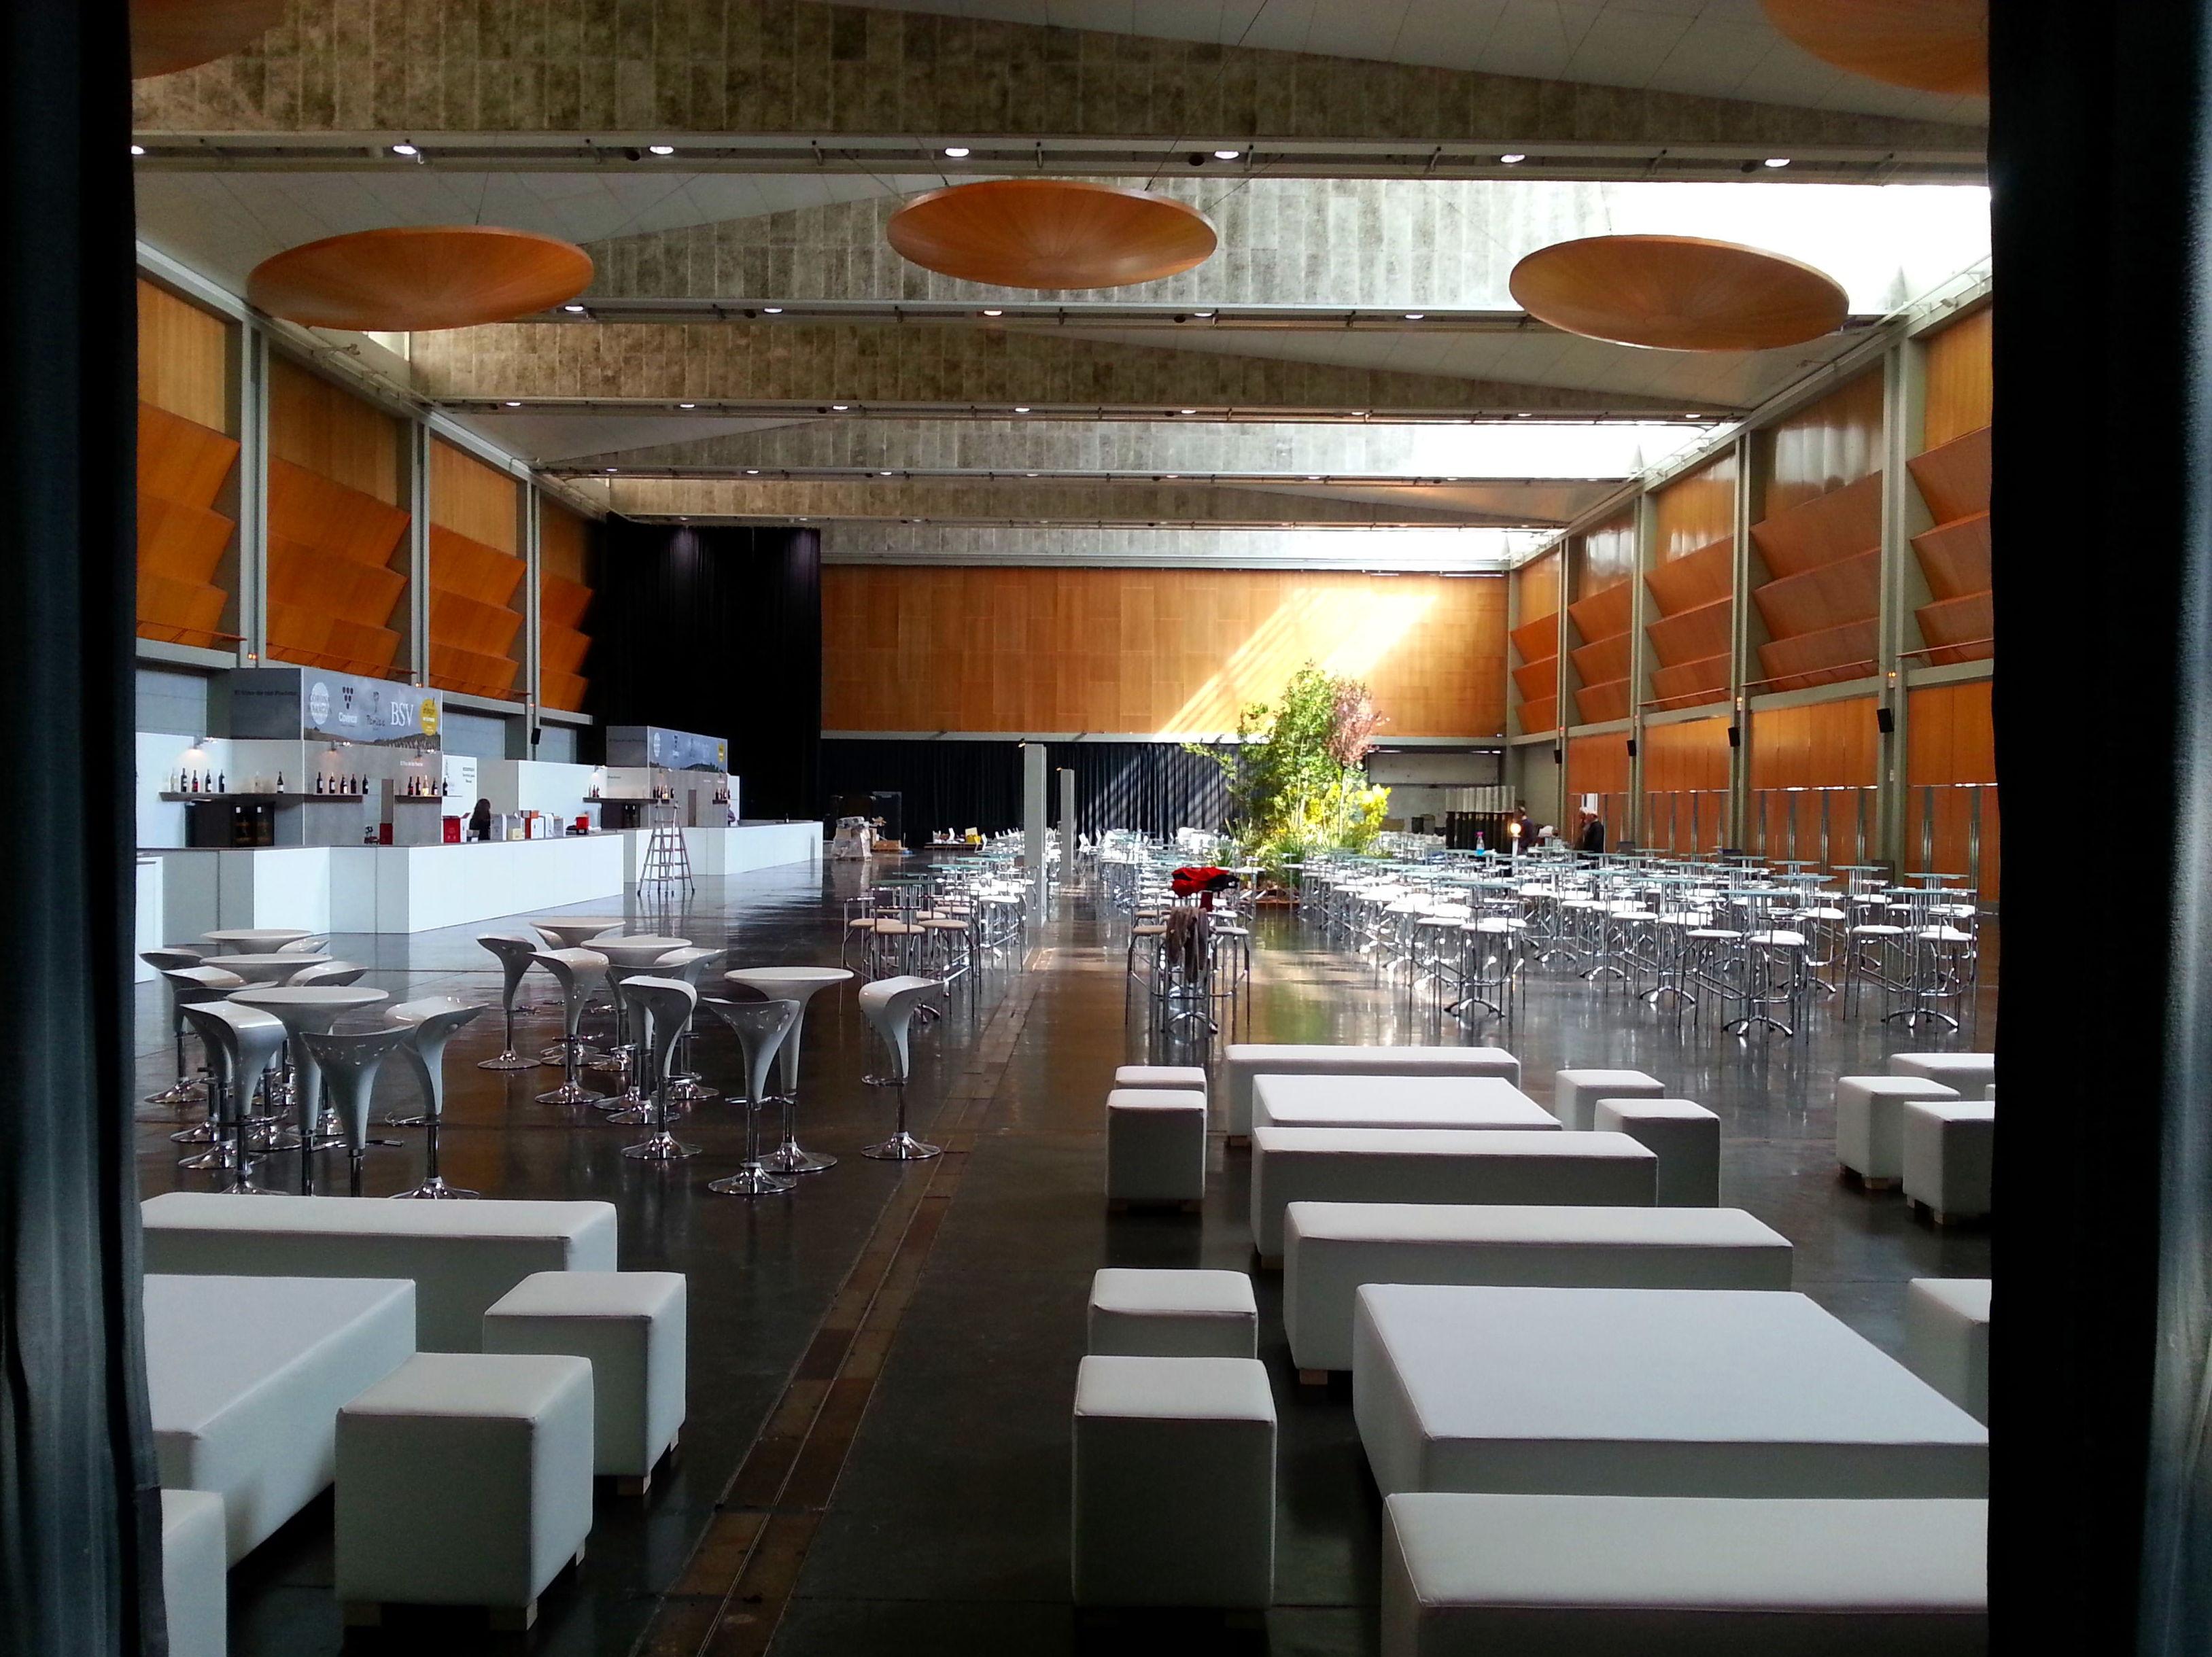 Foto 15 de Alquiler de sillas, mesas y menaje en Zaragoza | Stuhl Ibérica Alquiler de Mobiliario